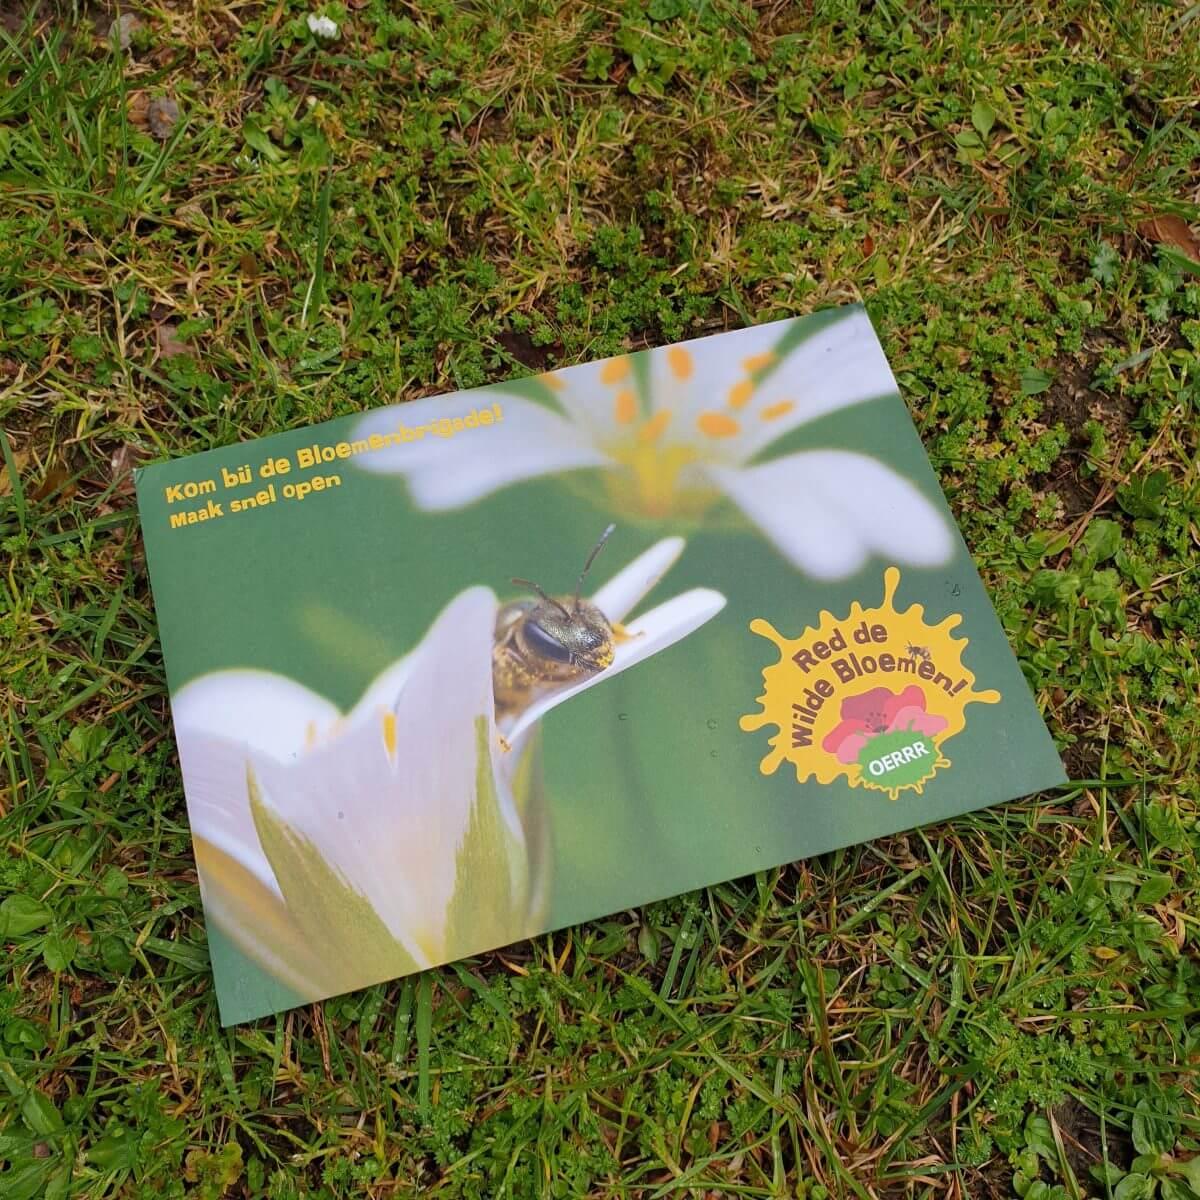 actiepakket Oerrr Natuurmonutenten wilde bloemen en bijen